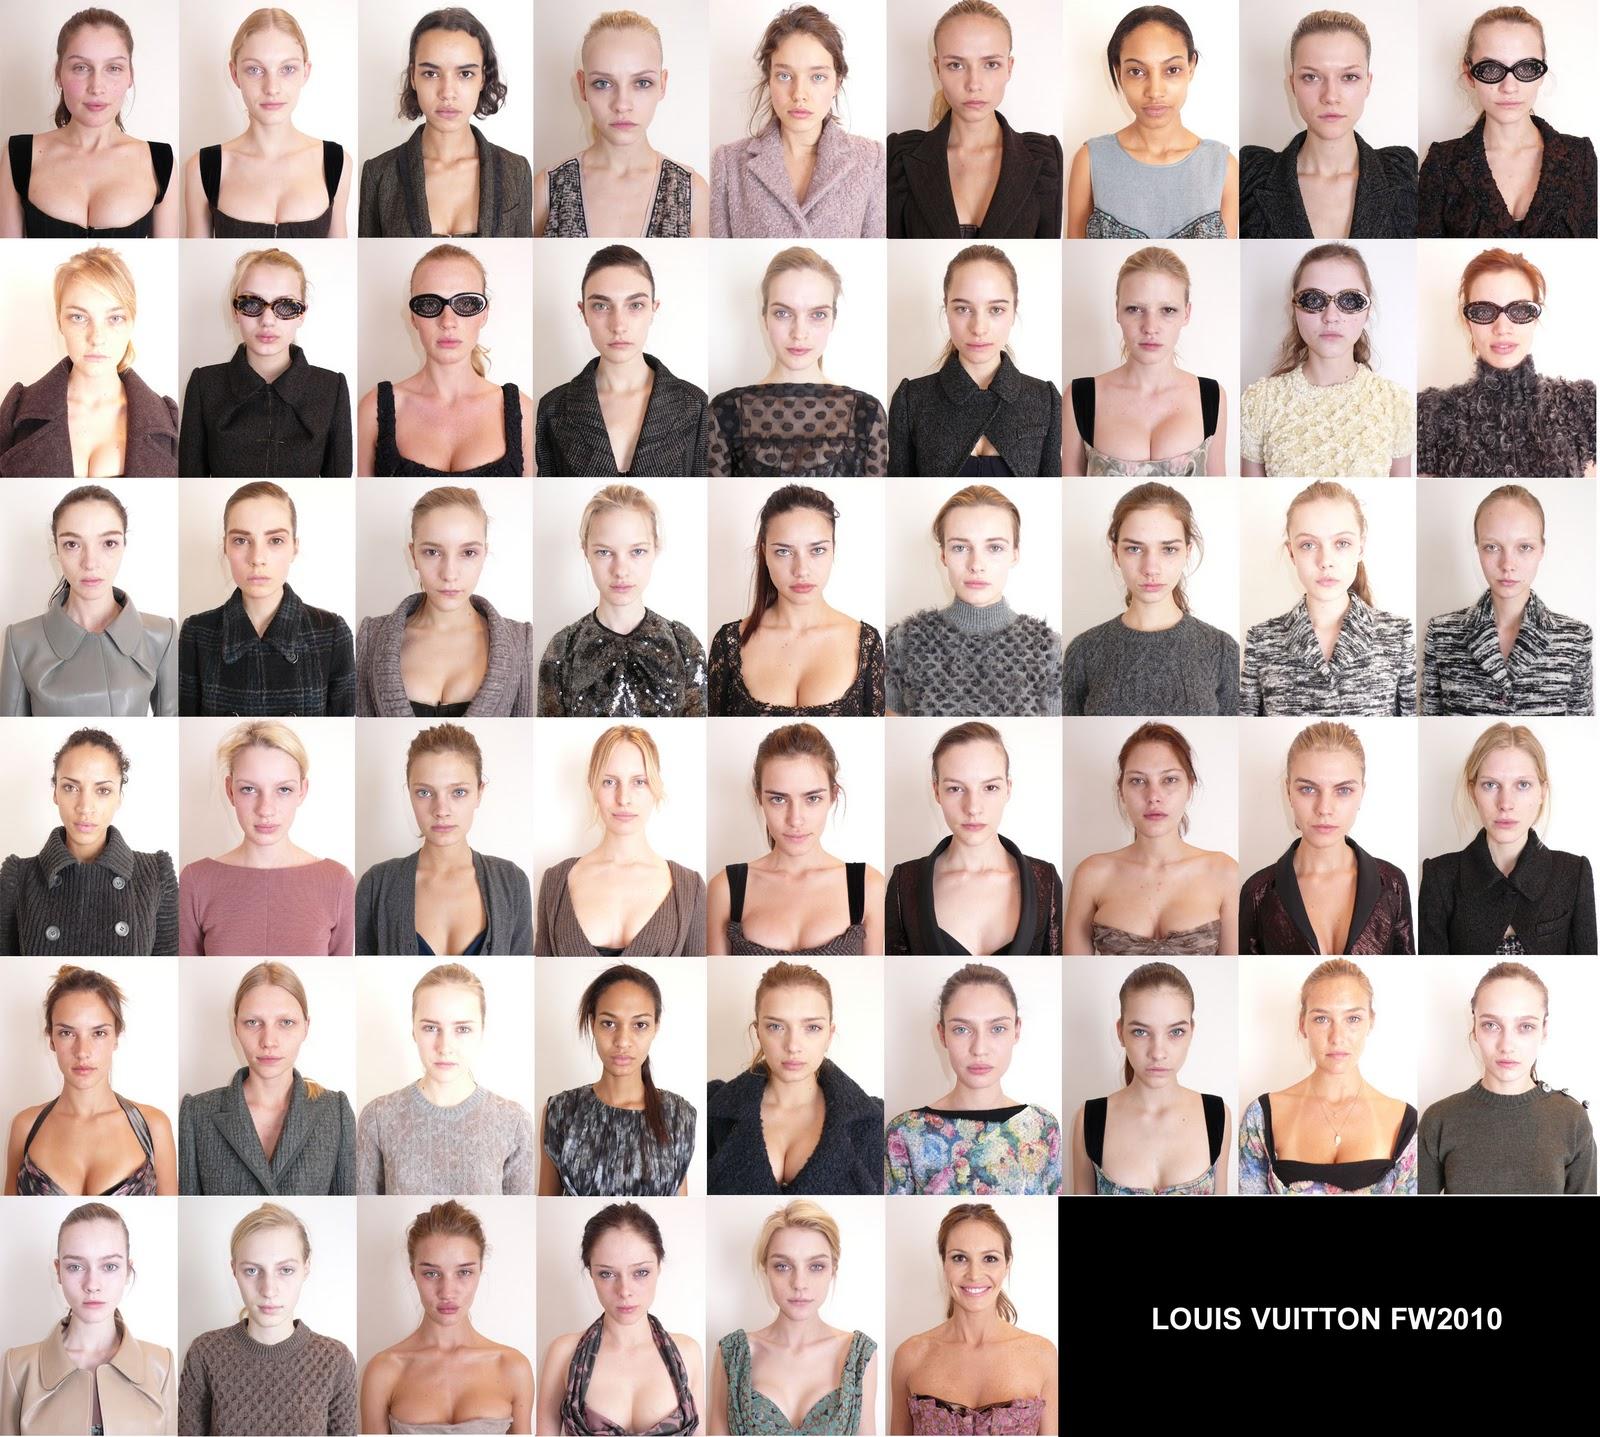 http://4.bp.blogspot.com/_1zkOs9IcHkw/TBkhREMzk9I/AAAAAAAAAKs/wAnSm72Ugro/s1600/vuitton-heads.jpg